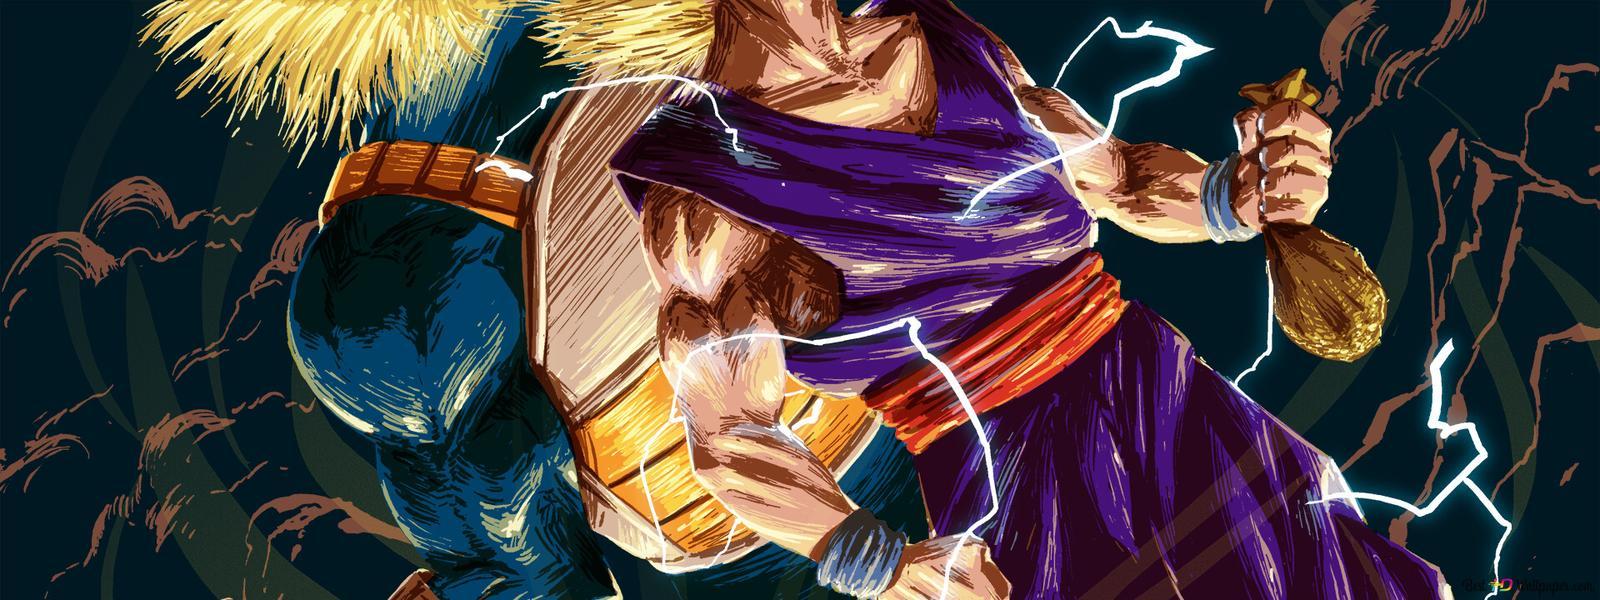 Dragon Ball Z Gohan Trunks Hd Wallpaper Download